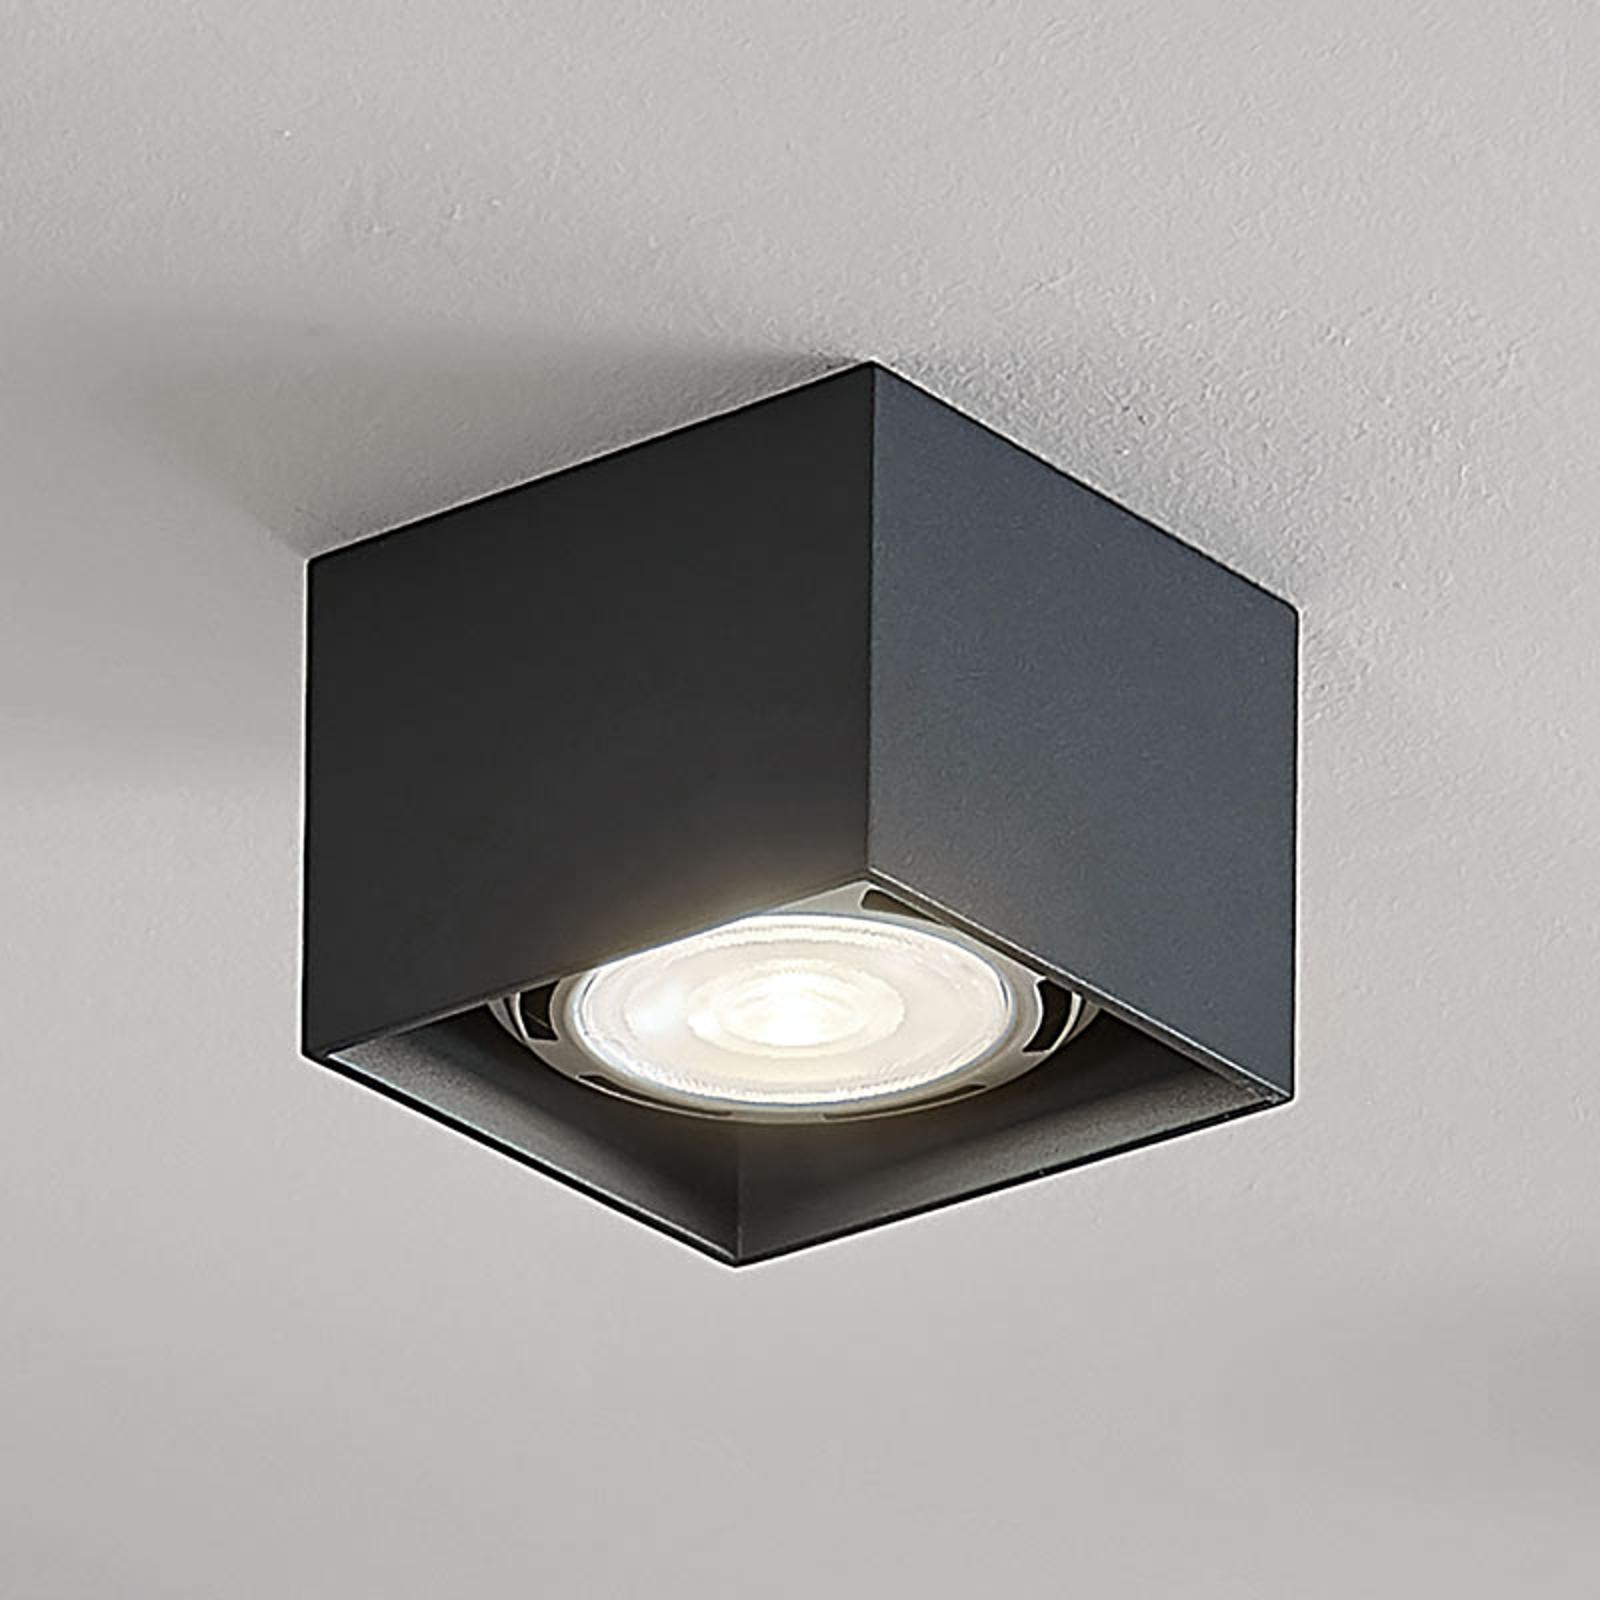 Stropné LED svietidlo Mabel hranaté tmavosivé_9621917_1